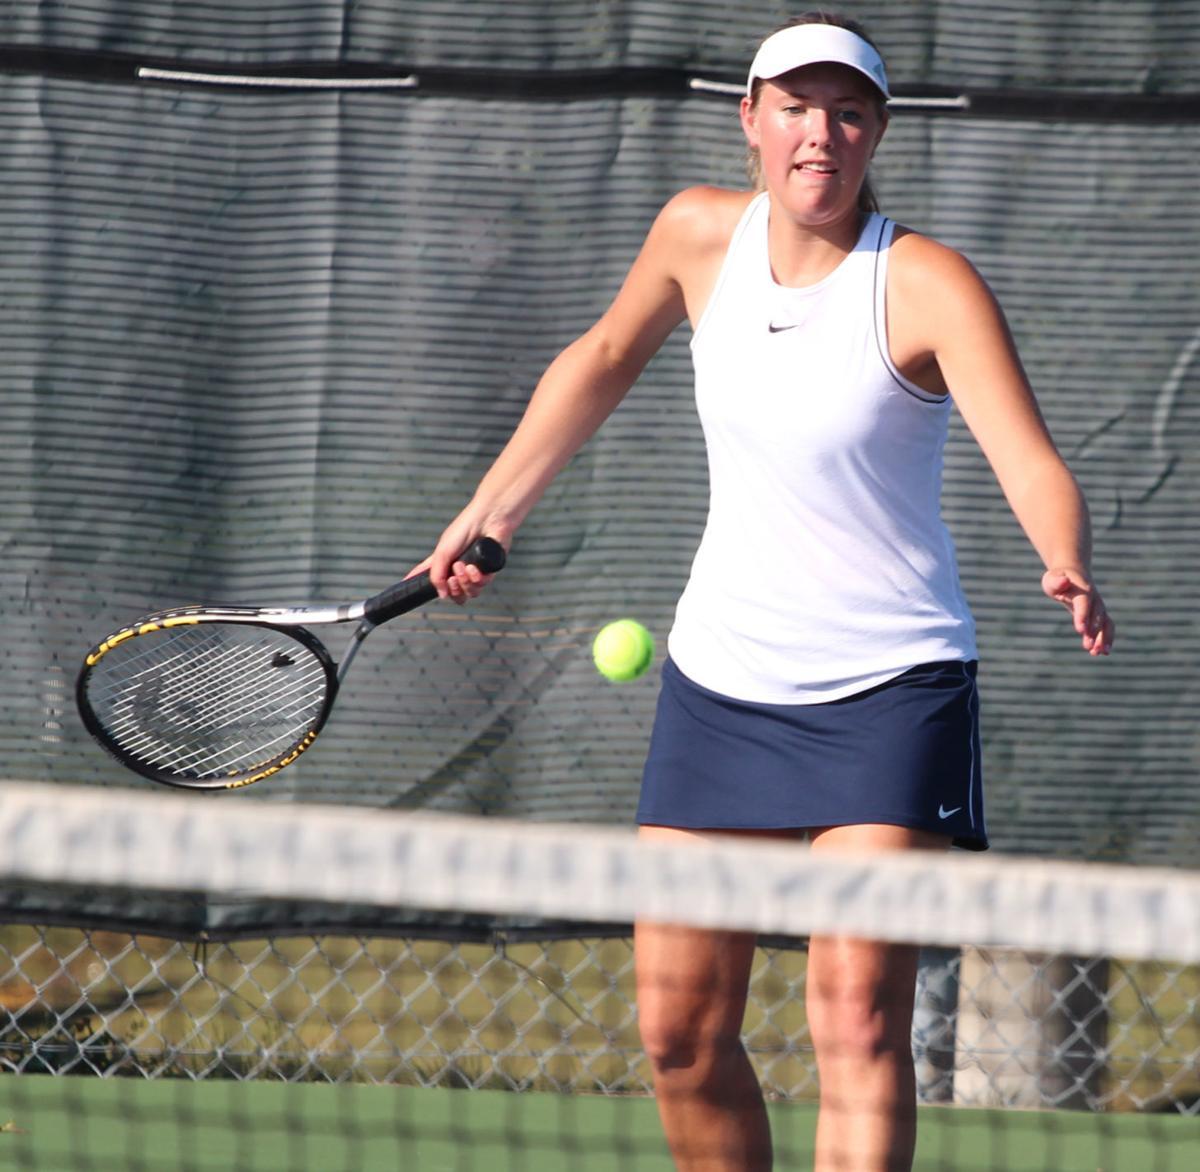 Chan Tennis - Miller